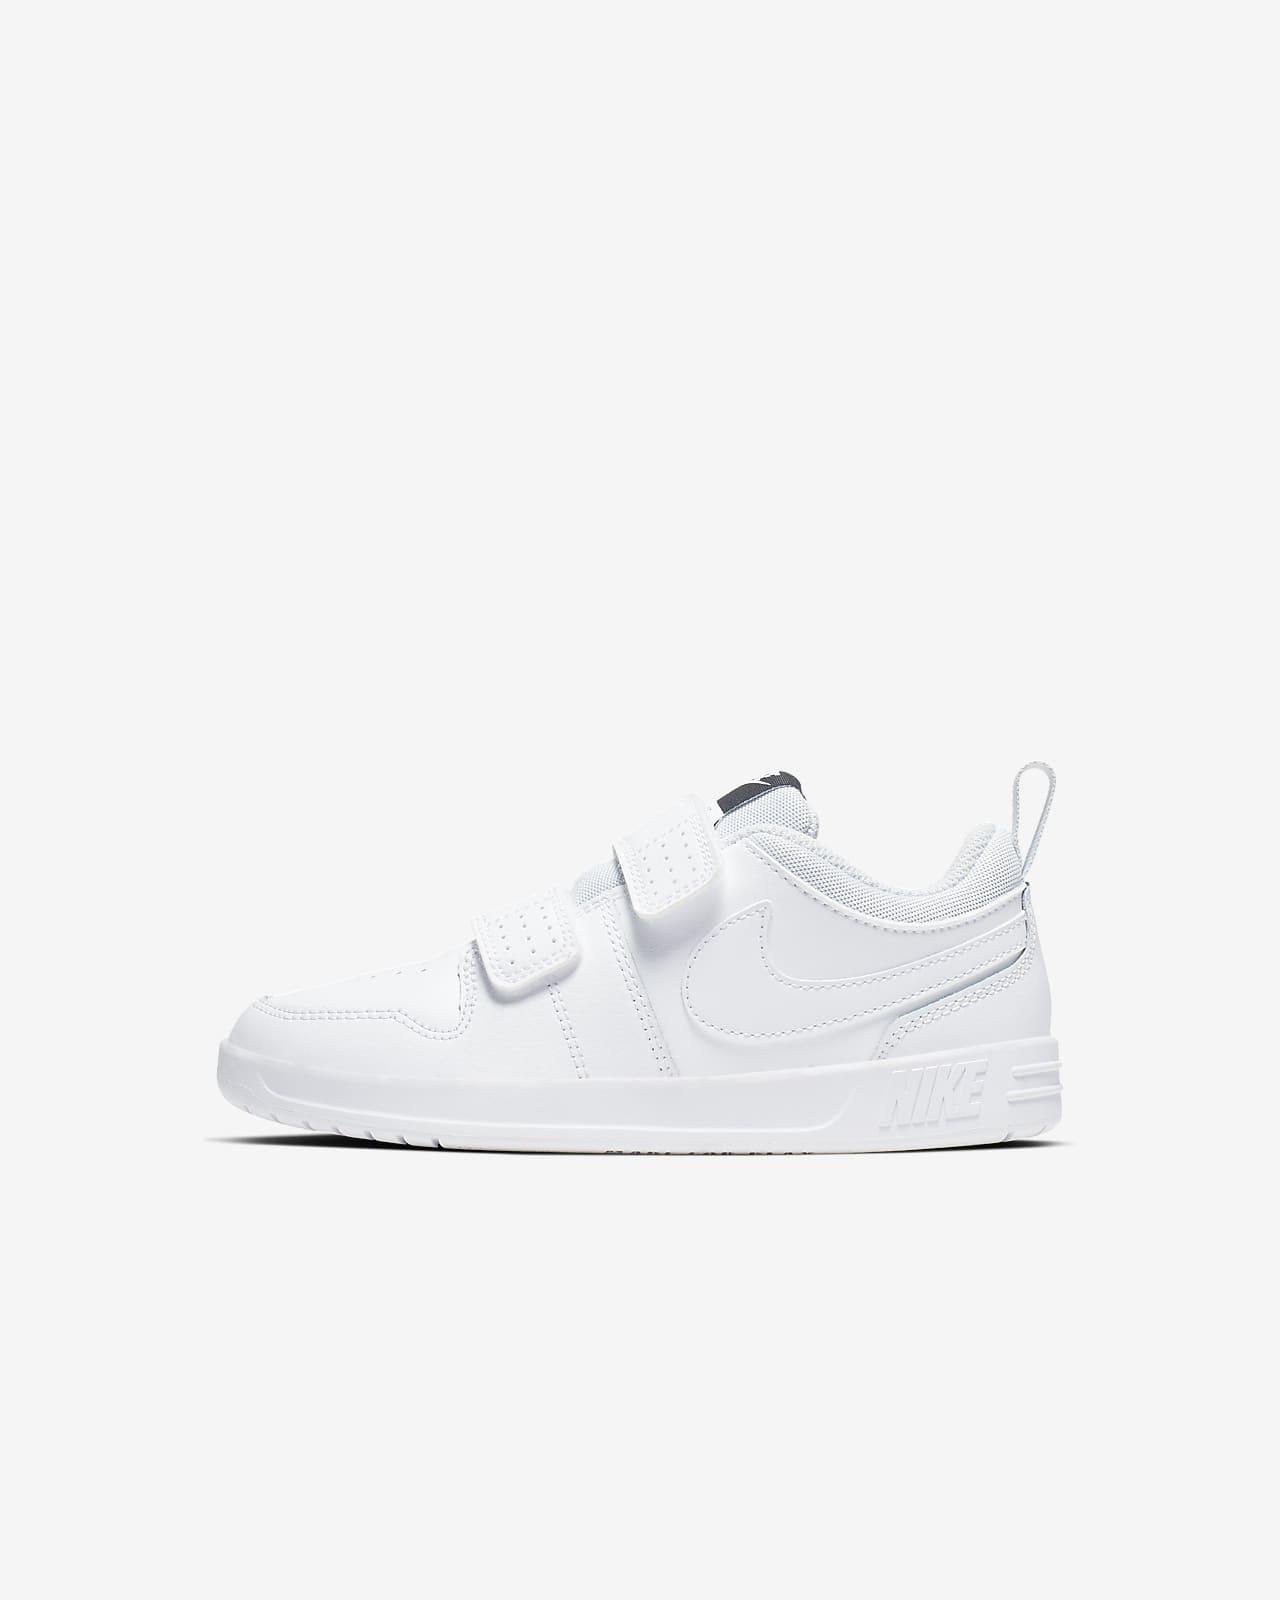 Παπούτσι Nike Pico 5 για μικρά παιδιά